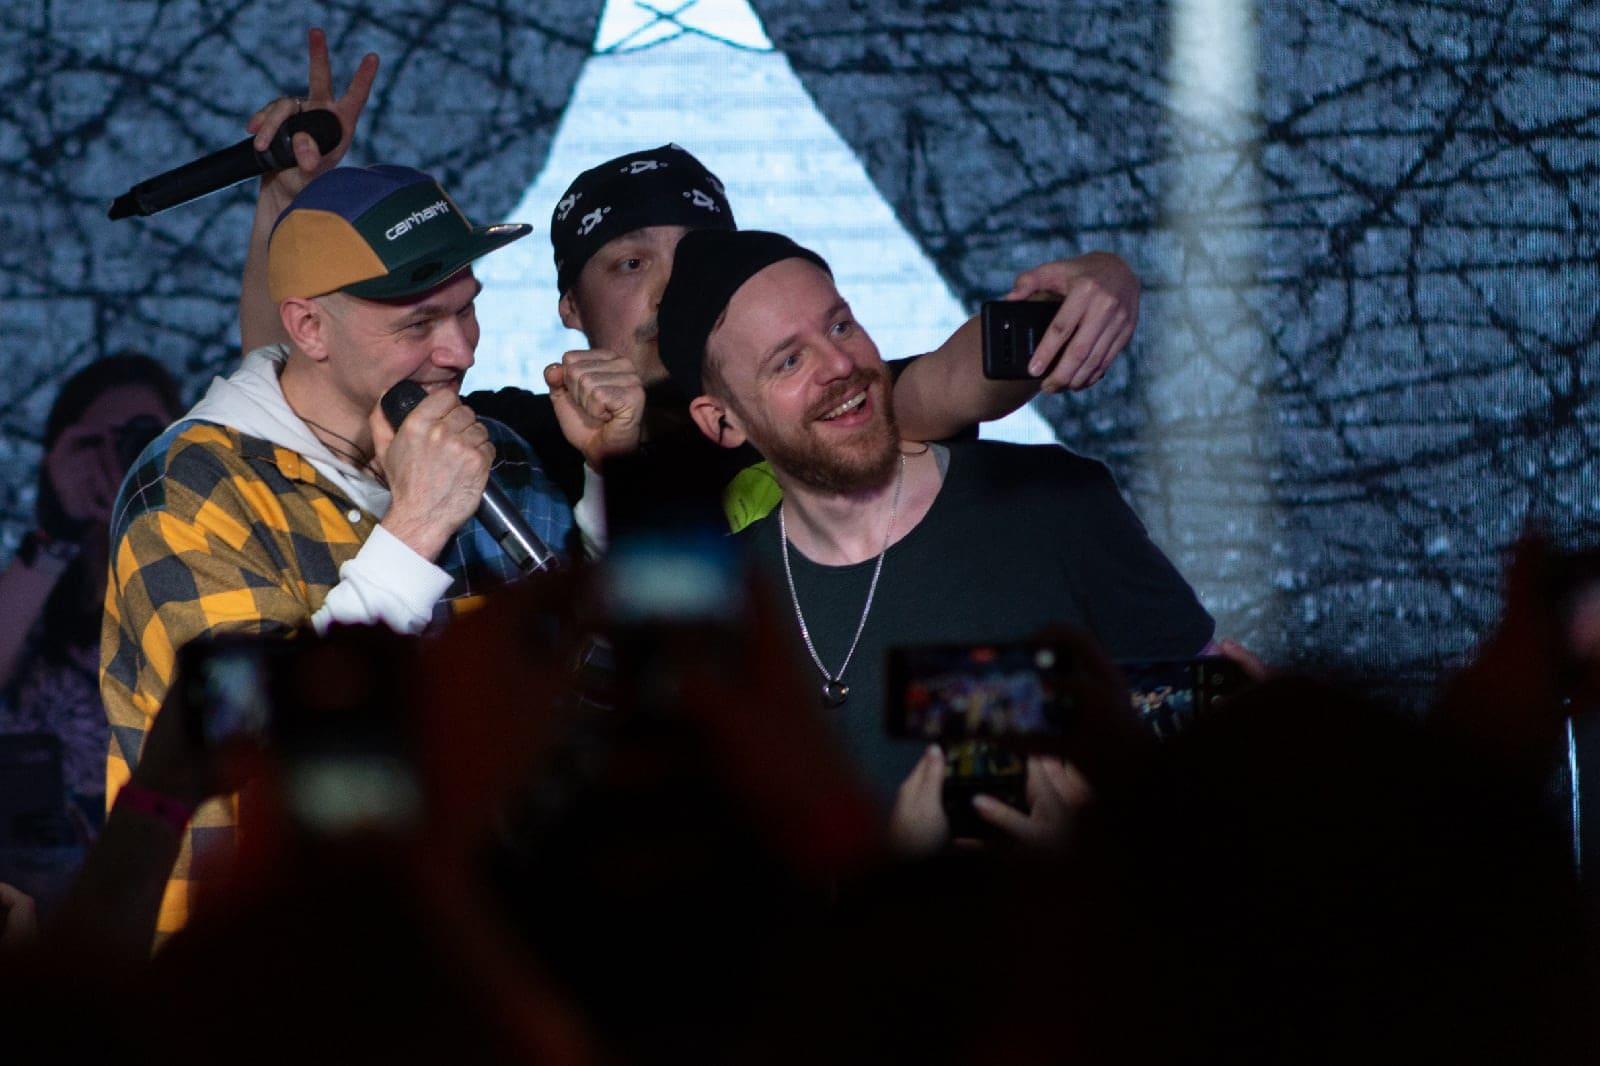 фото «Какие-то типы качают головой в ритм»: группа «Каста» выступила в Новосибирске – 10 фото с долгожданного концерта 2